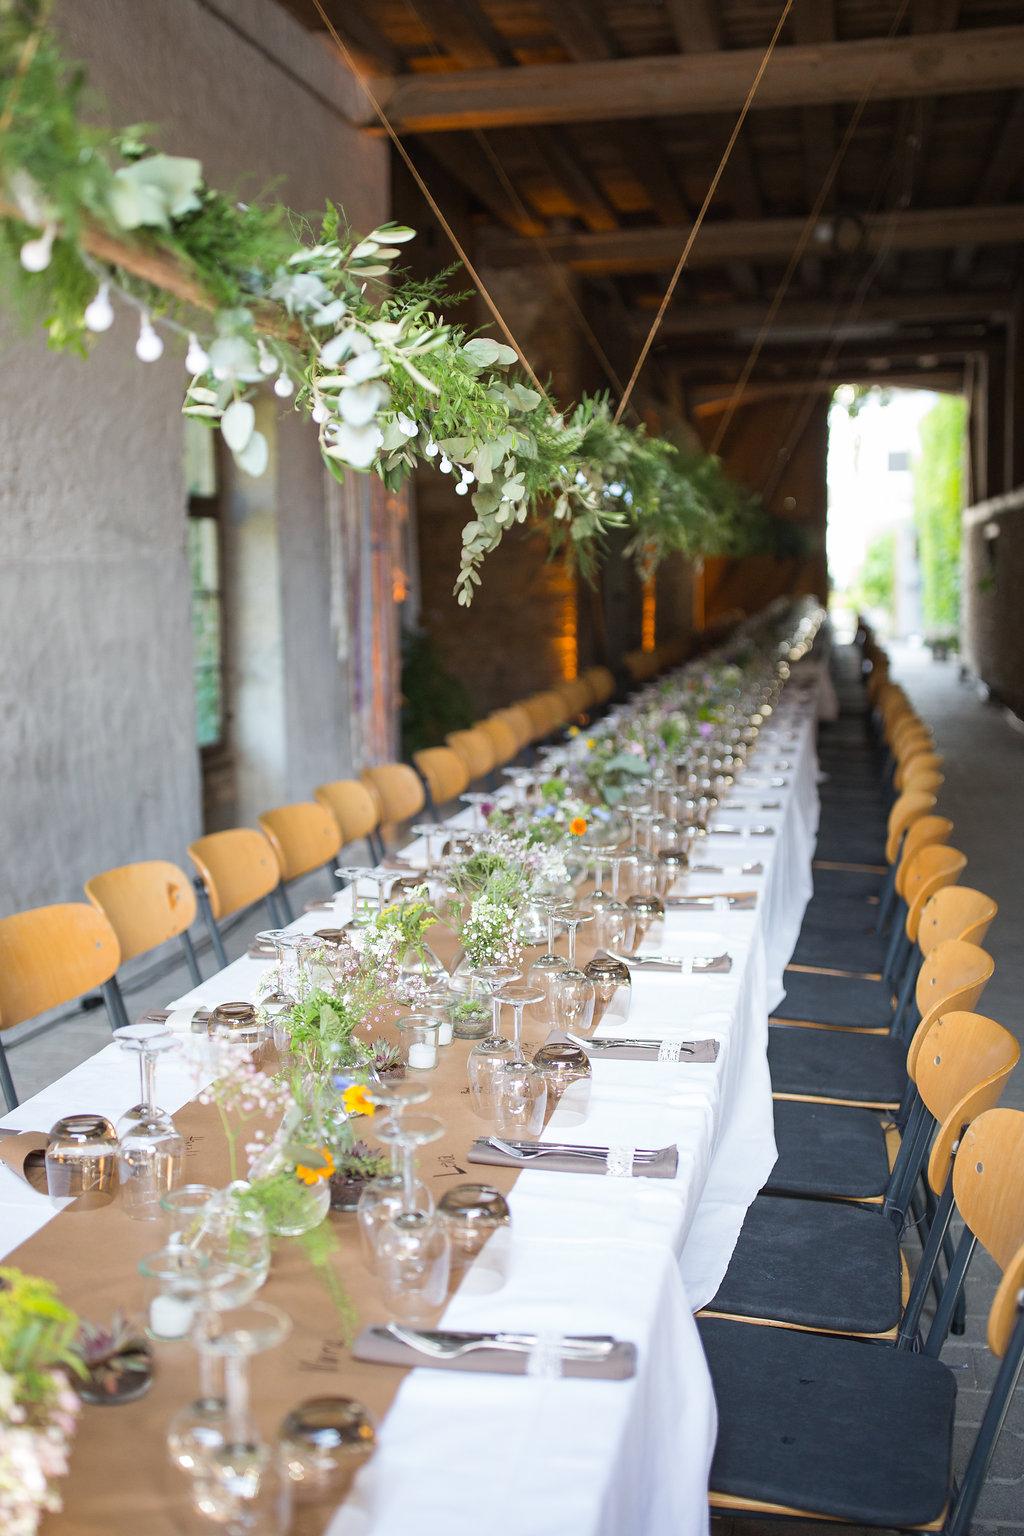 Greenery Tischdekoration, Hochzeit Deko grüne Zweige hängedene Dekorationen, Hängedeko Hochzeit, Greenery Deko